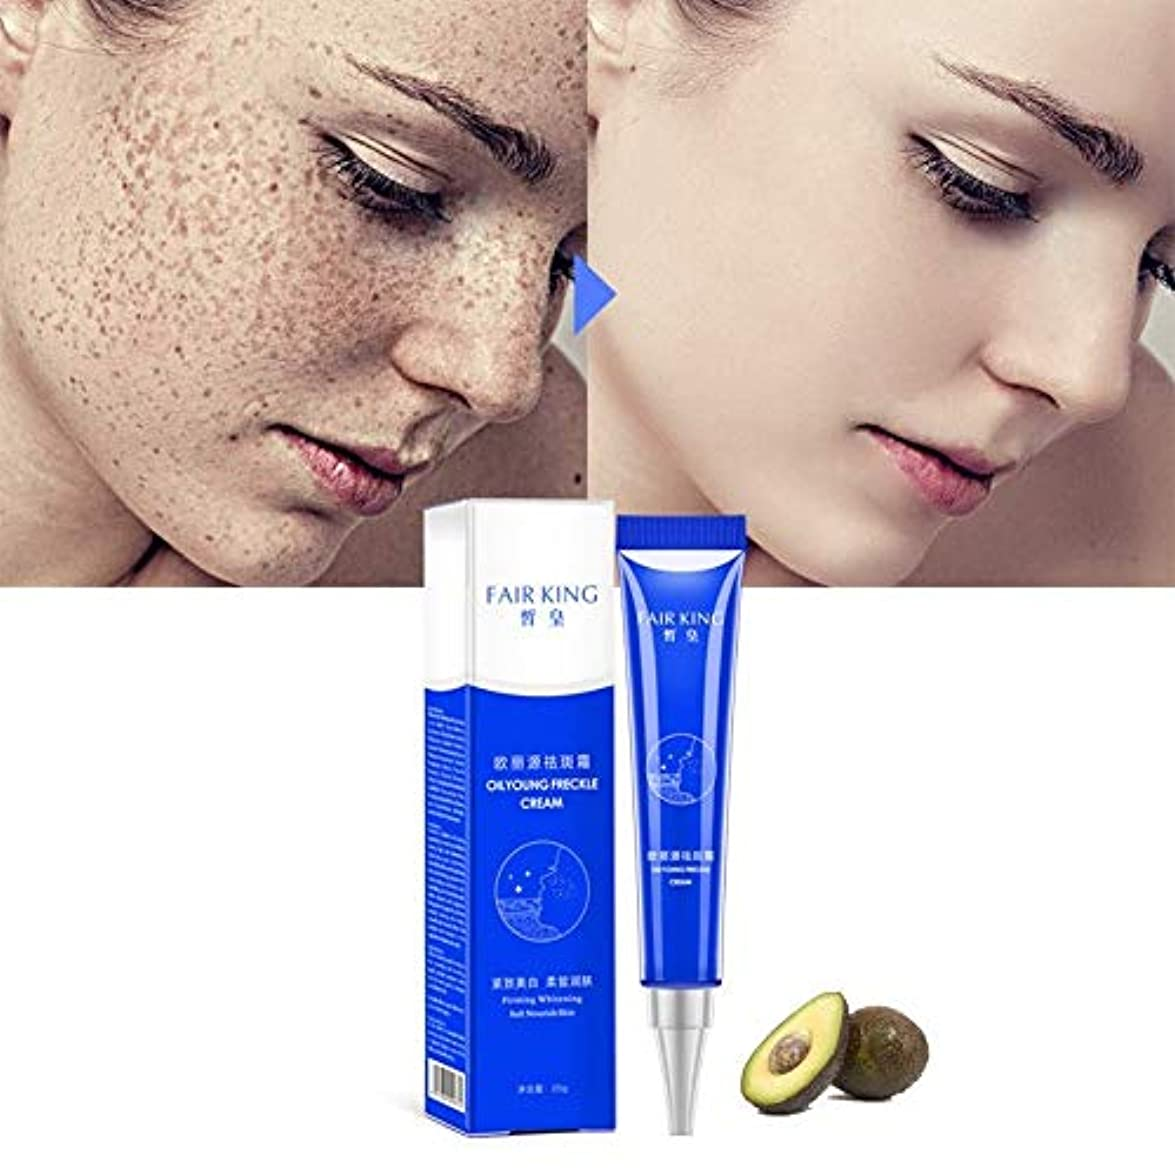 発疹面昆虫を見る効果的な美白そばかすクリーム保湿は、黒ずみのにきび治療顔料メラニン美白スキンケアを削除します